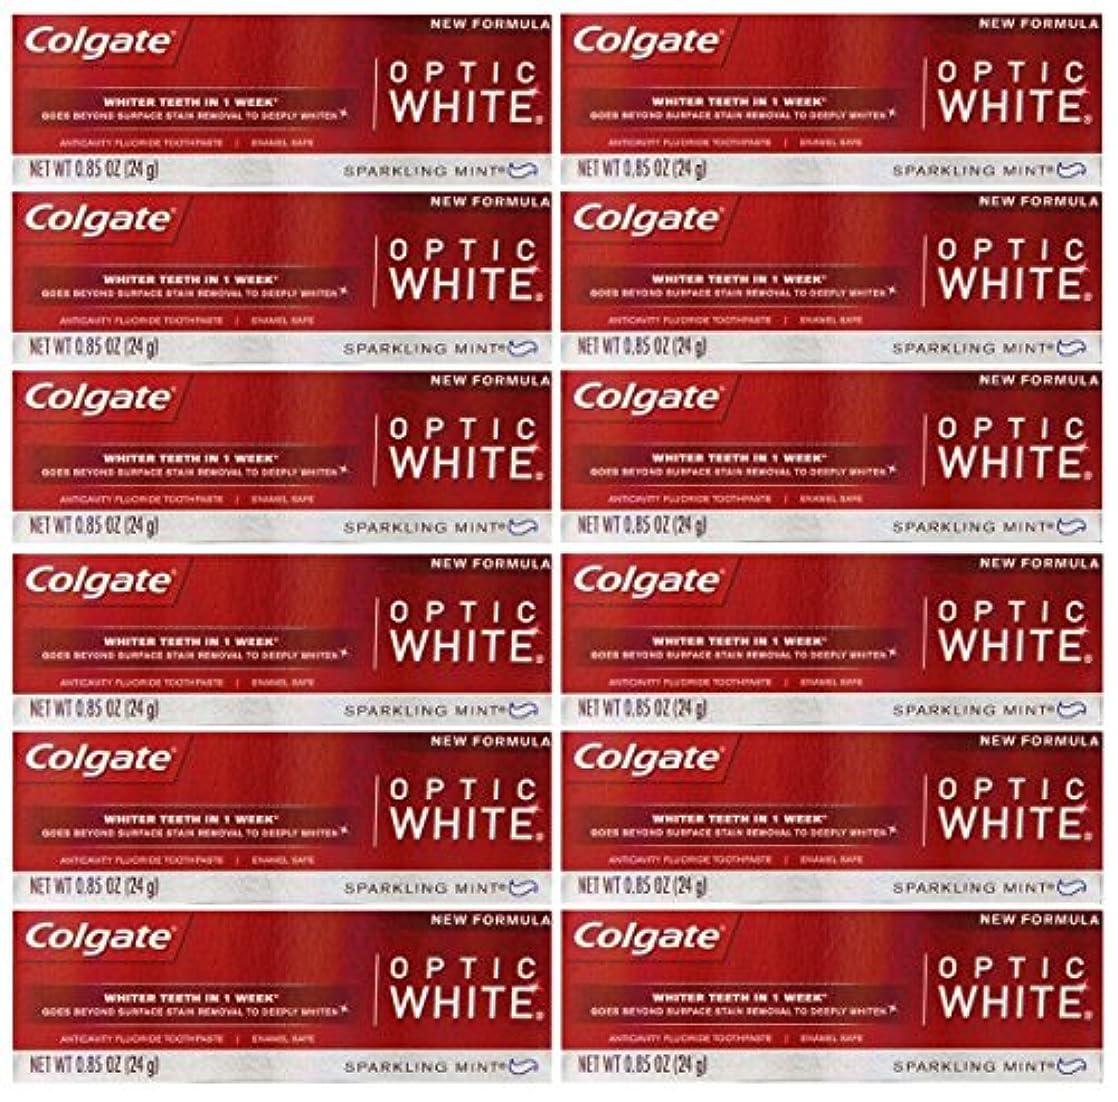 苗半ばボリュームColgate 12パック - ハミガキ、スパークリングホワイト、スパークリングミント、トラベルサイズ0.85オンスホワイトニングオプティックホワイト歯